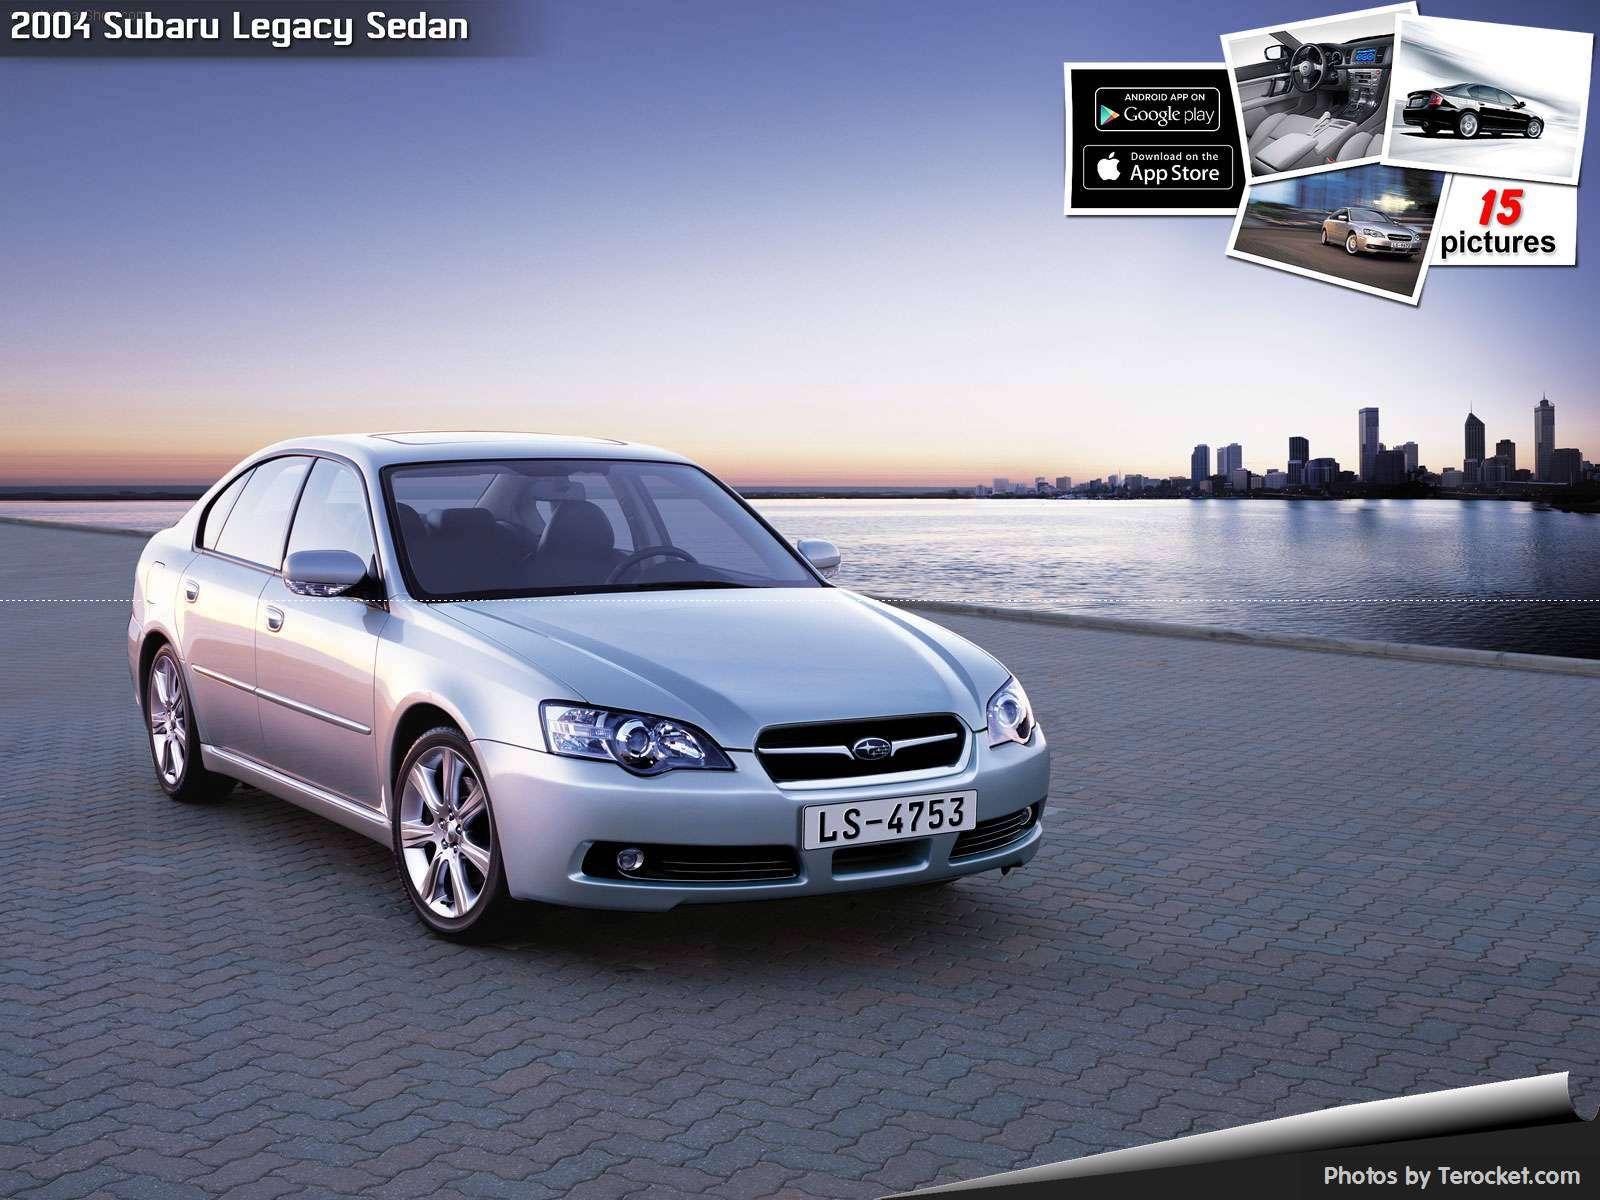 Hình ảnh xe ô tô Subaru Legacy Sedan 2004 & nội ngoại thất